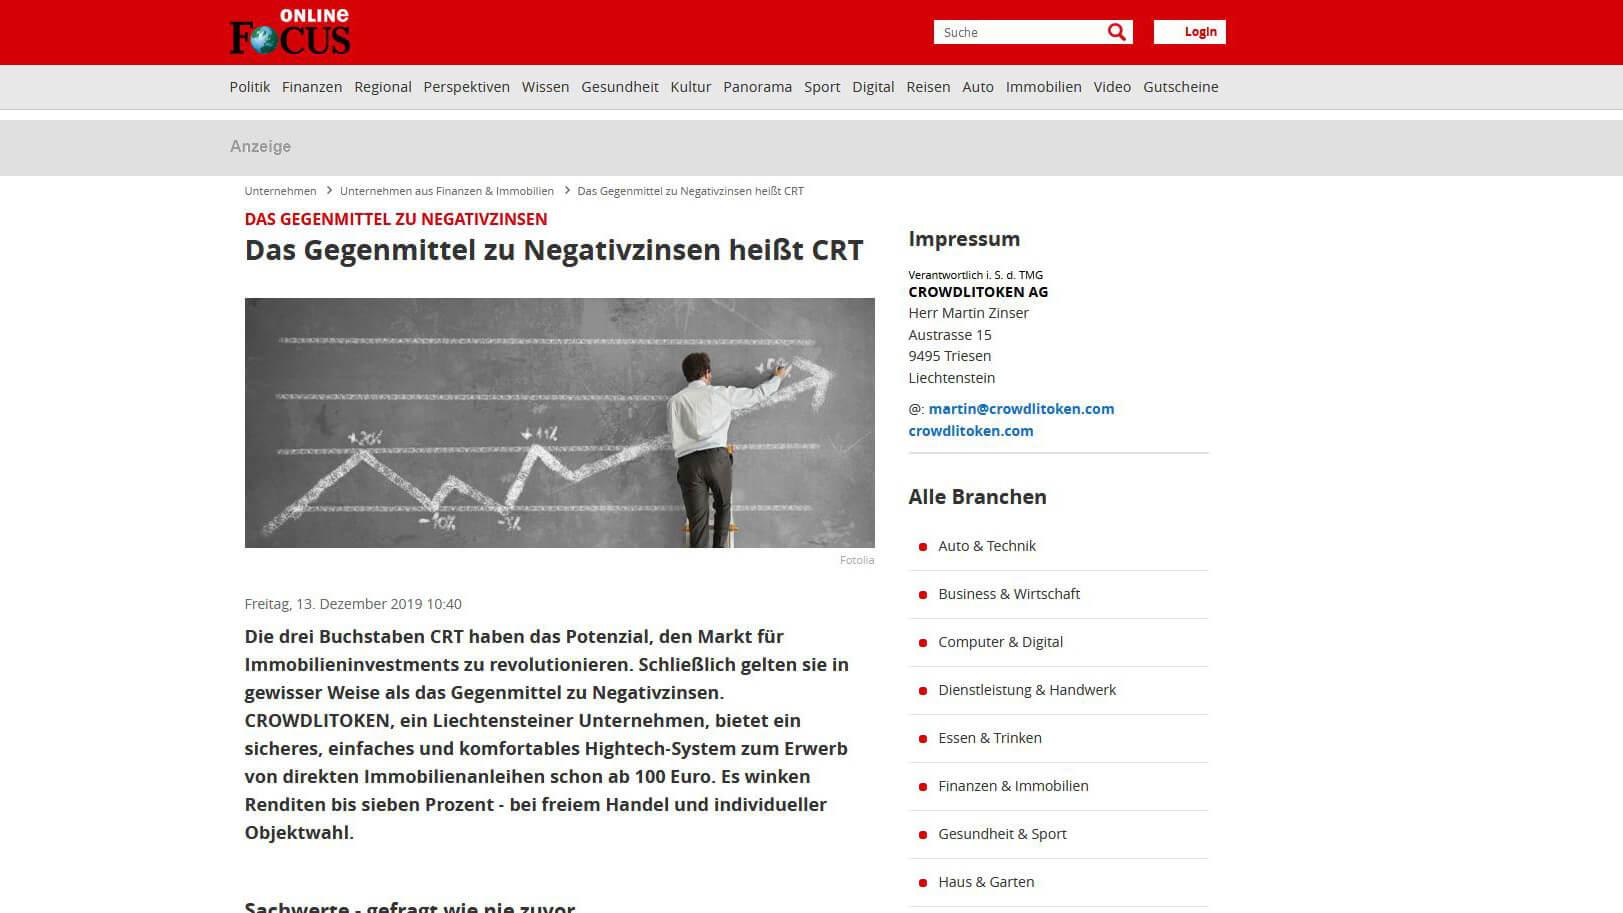 Bericht auf Focus online über CRT